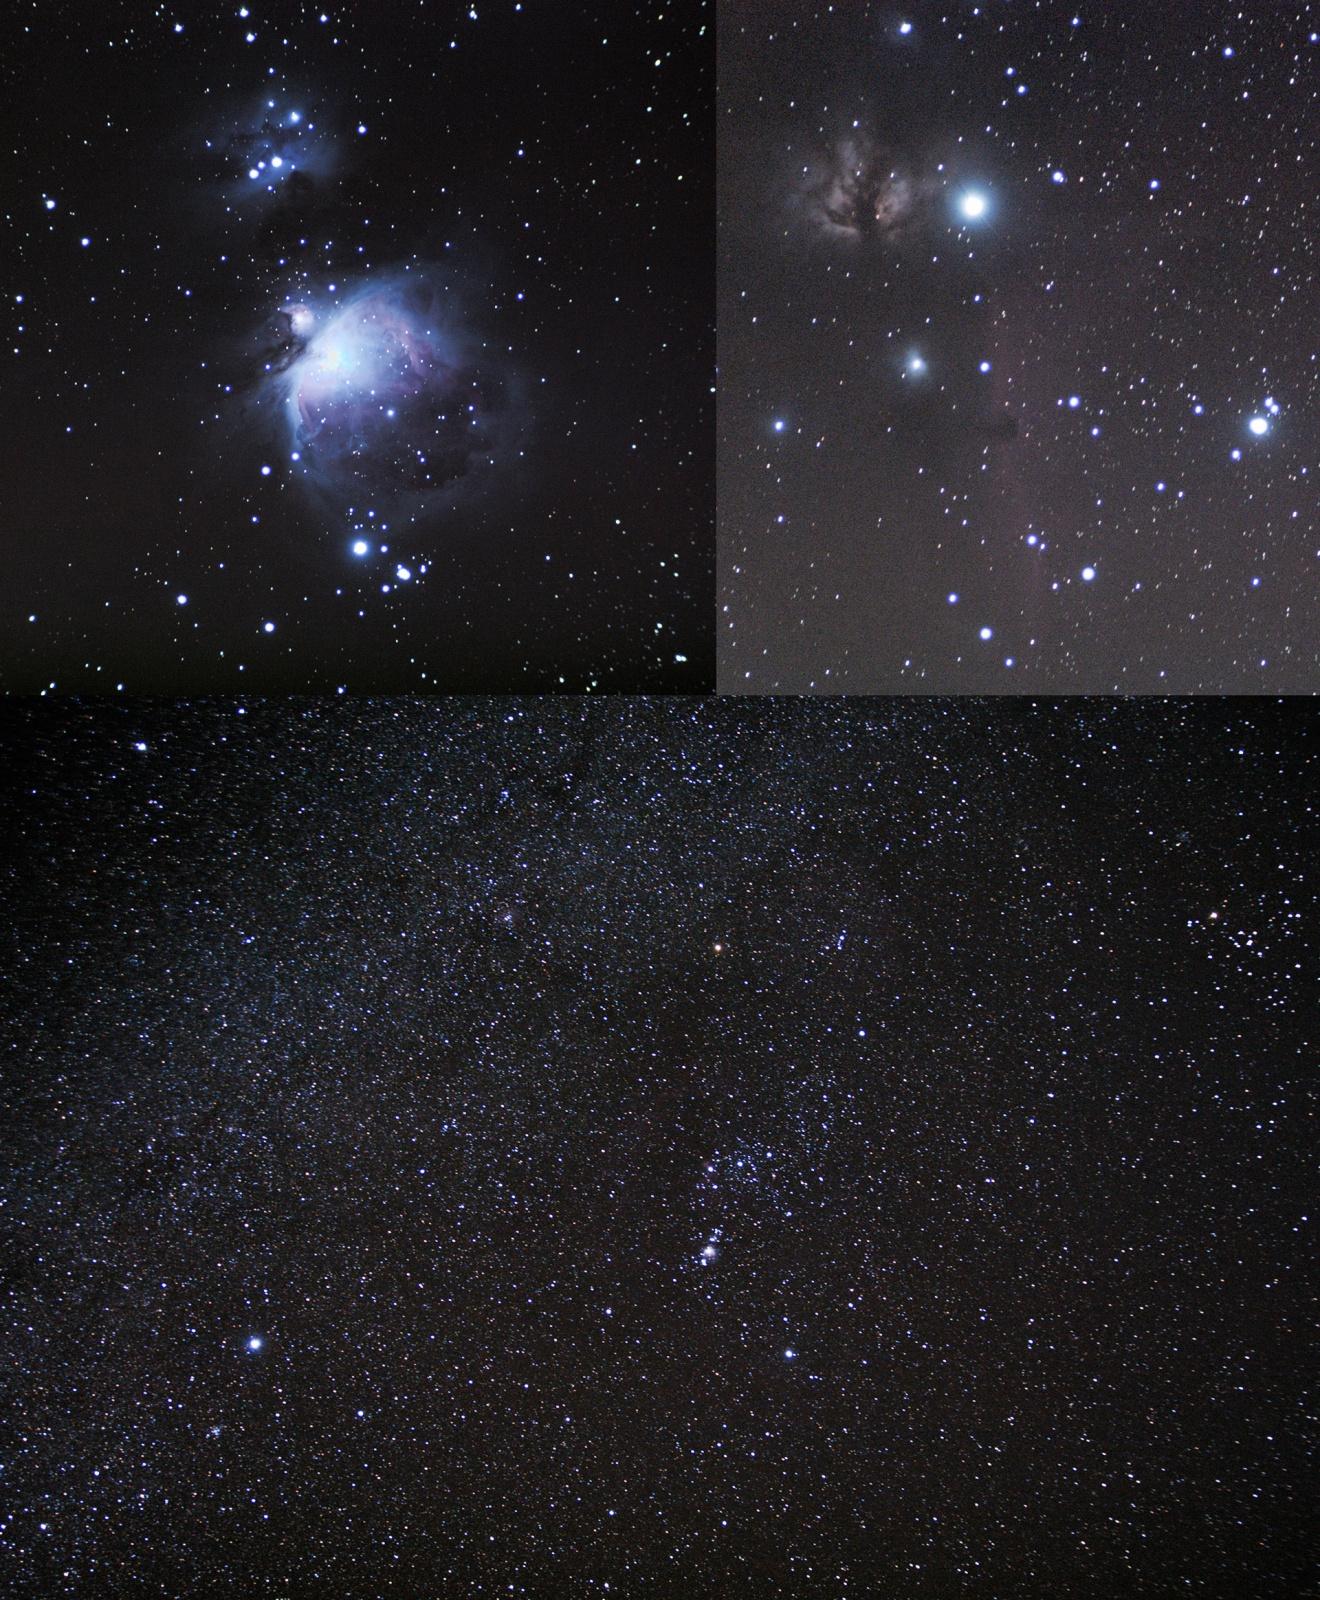 AstroTene_1_2019_small.thumb.jpg.f6a5929c25feab754d33a9b9c227d44b.jpg